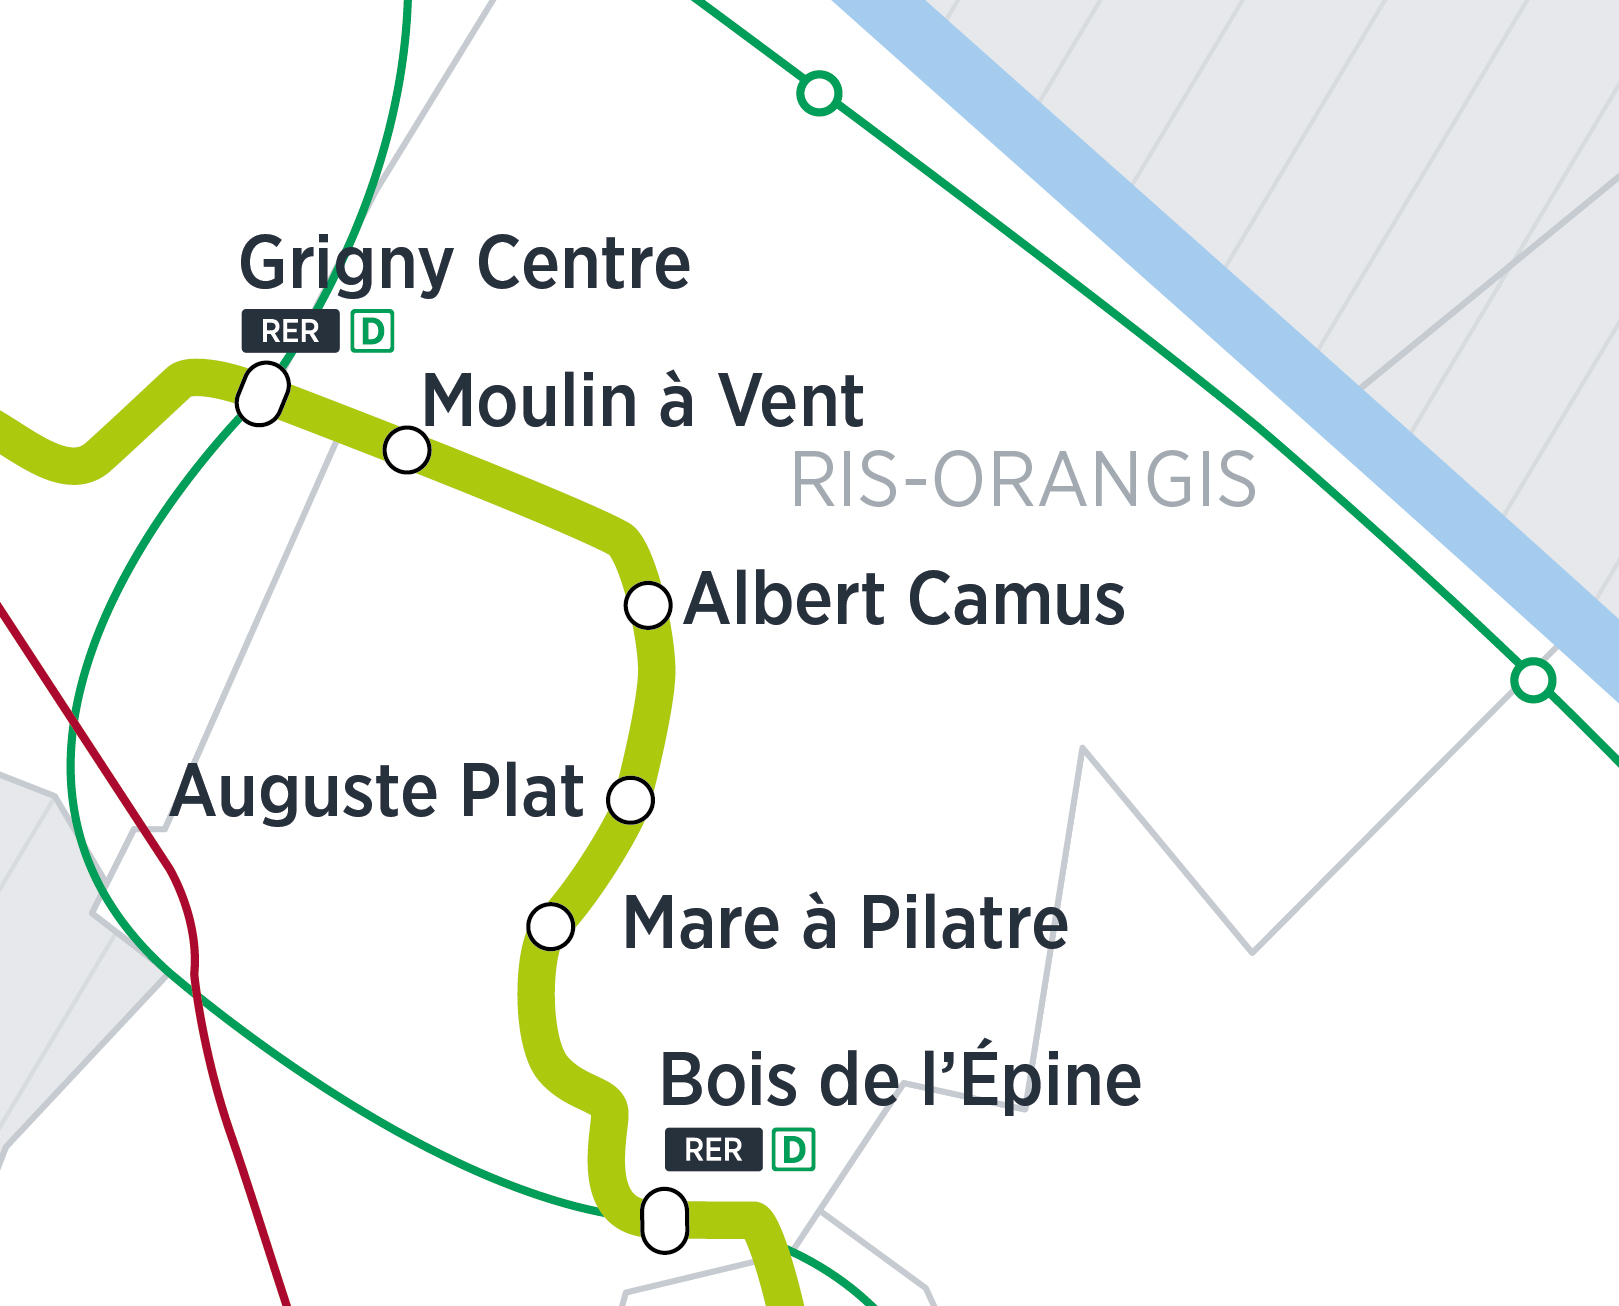 Zoom du tracé sur Ris Orangis